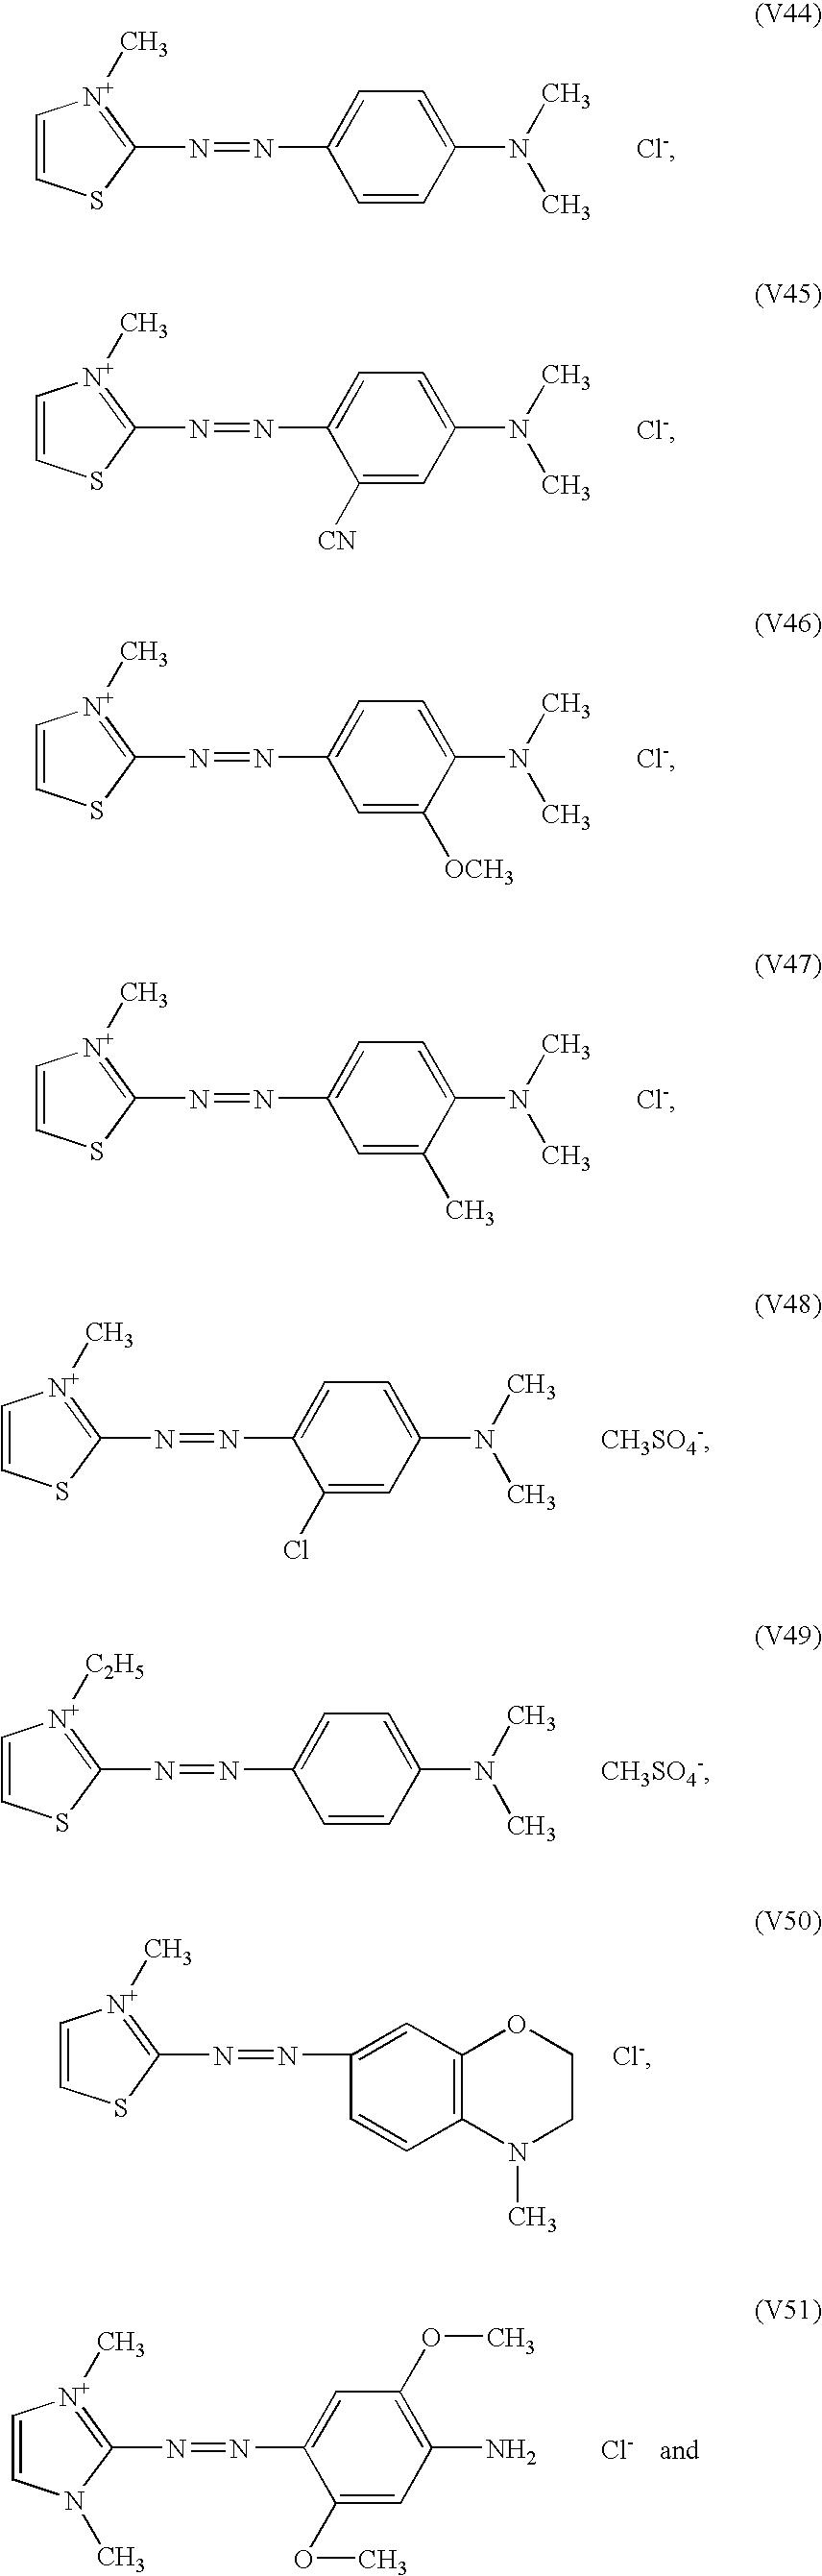 Figure US06702863-20040309-C00025